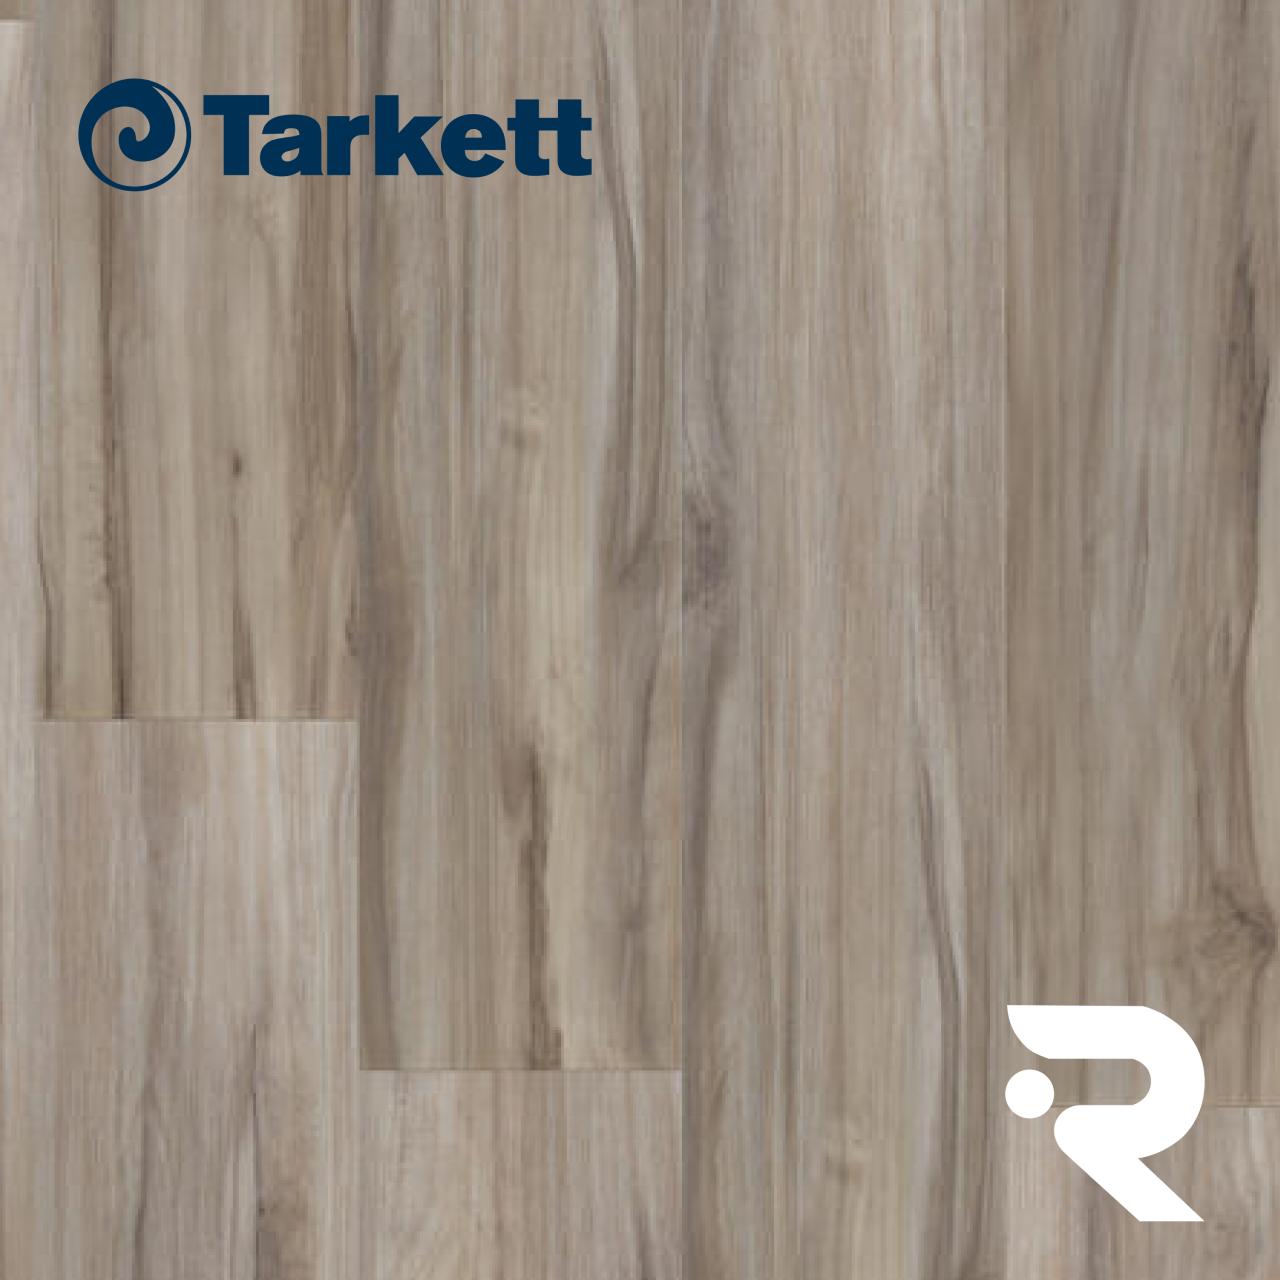 🌳 ПВХ плитка Tarkett | LOUNGE - ACOUSTIC | Art Vinyl | 914 x 152 мм